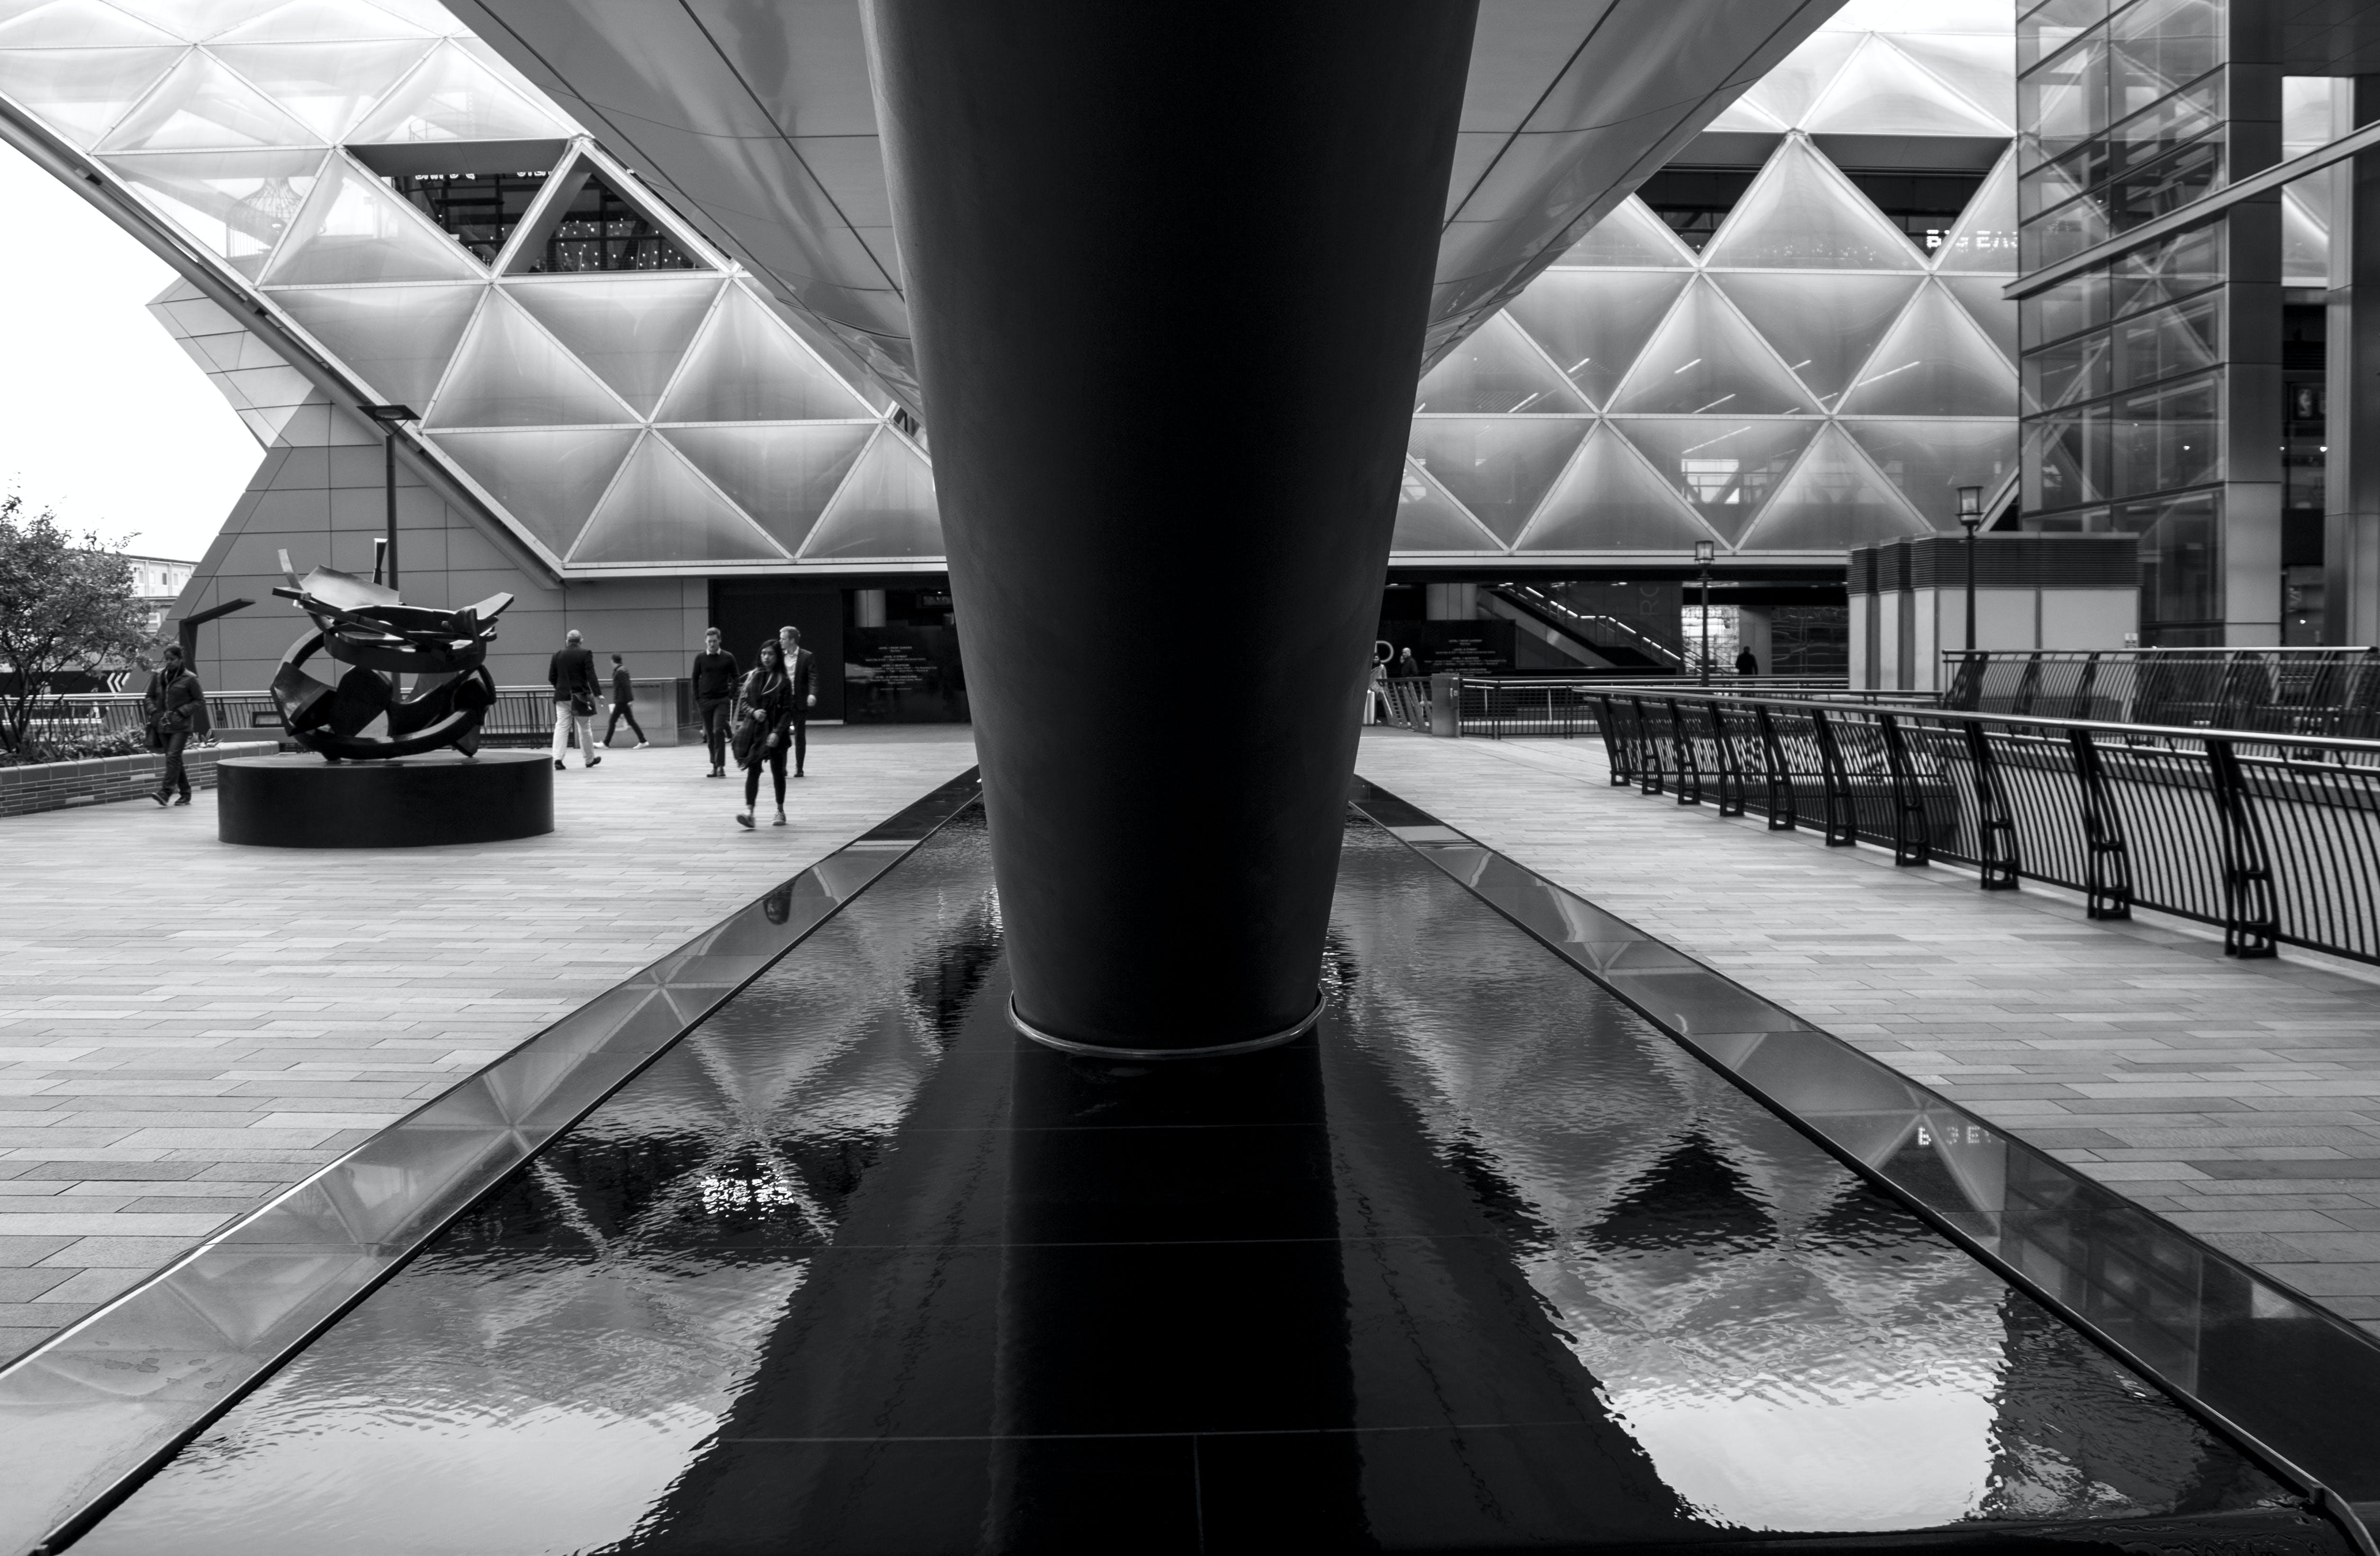 Kostenloses Stock Foto zu architektur, menschen, schwarz und weiß, wasser